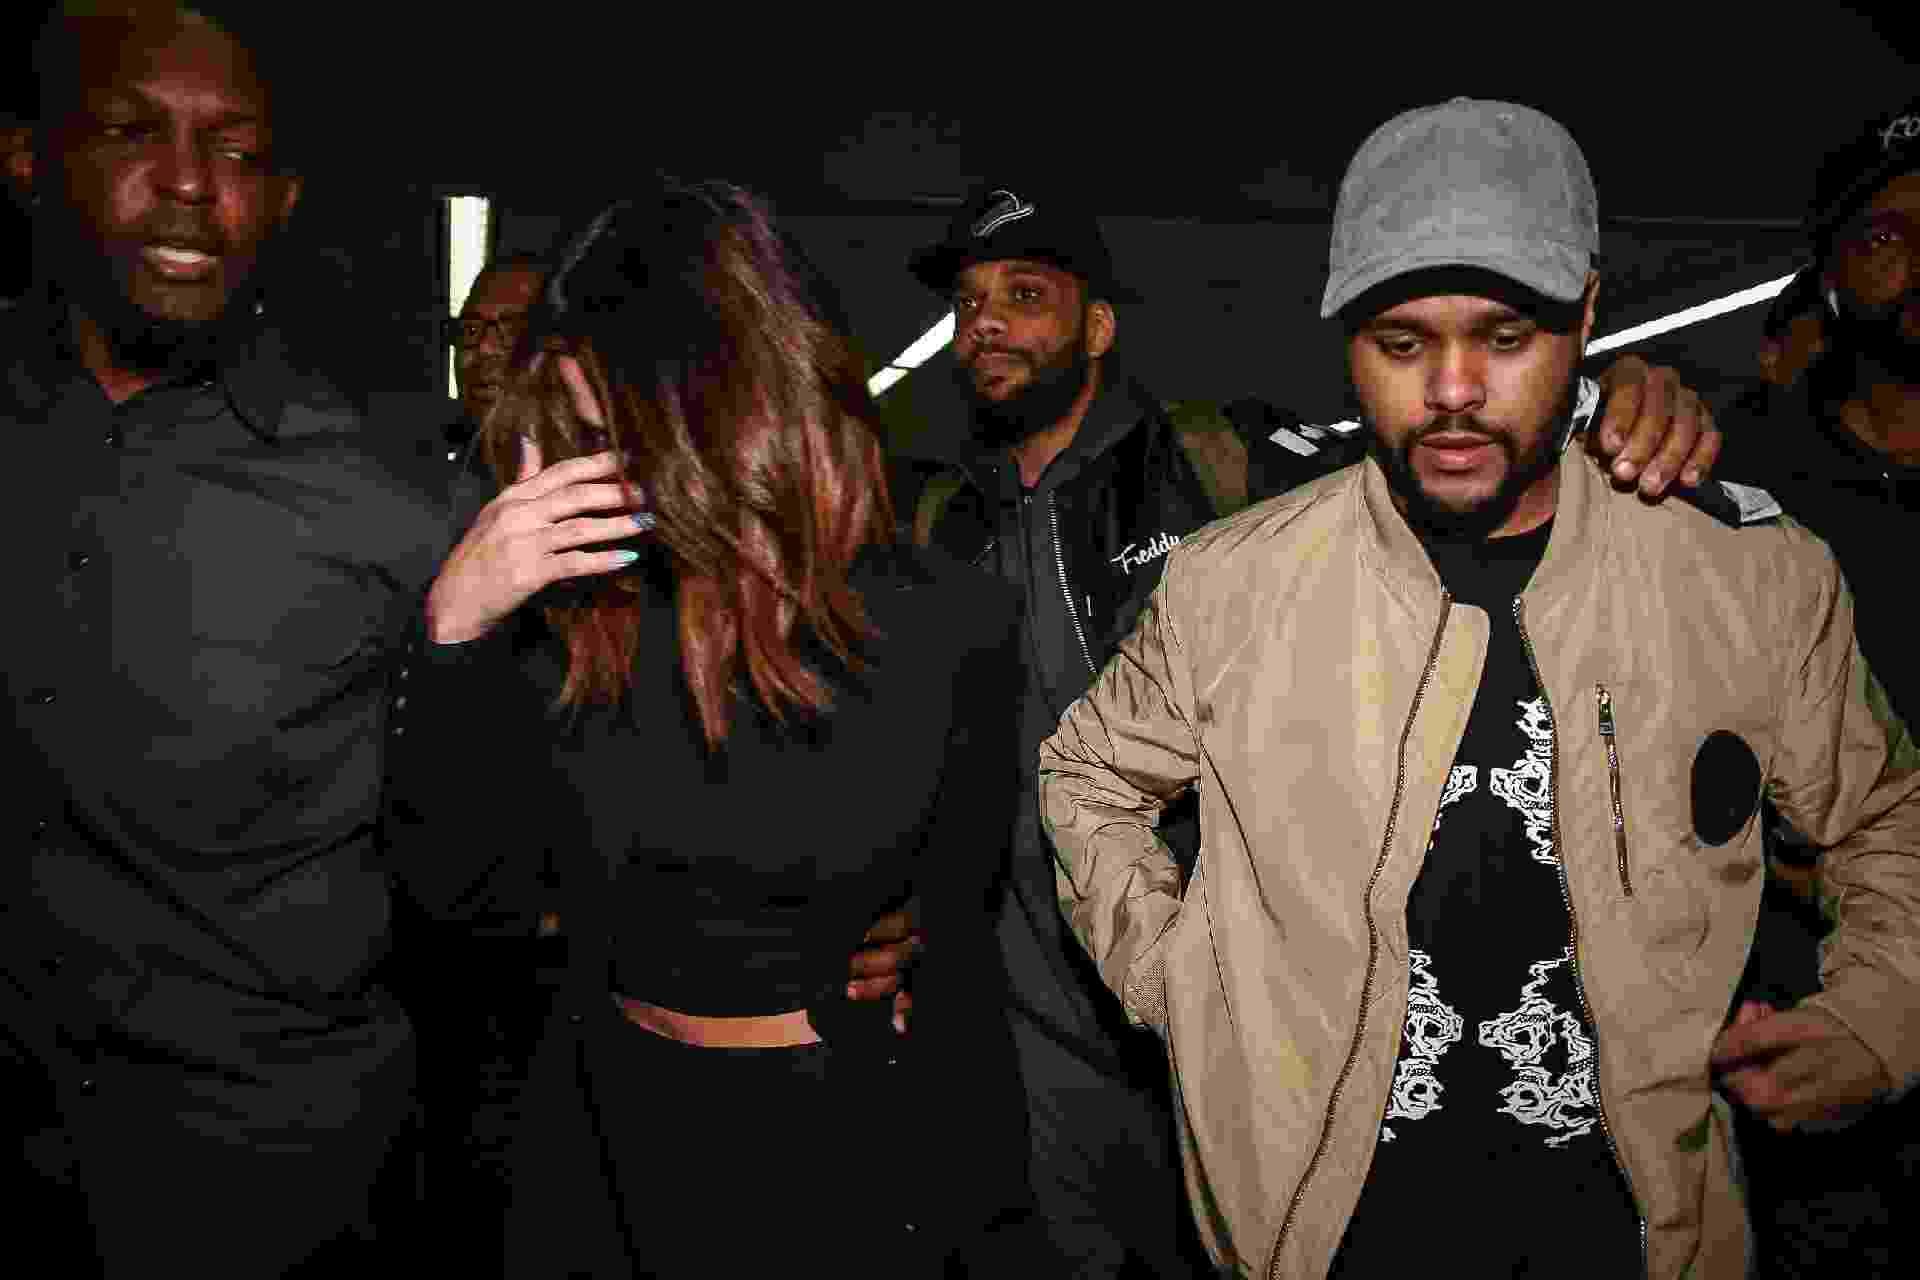 Em meio a tumulto, Selena Gomez e The Weeknd desembarcam no aeroporto de Guarulhos, em São Paulo sob forte escolta de seguranças - Raphael Castello/AgNews